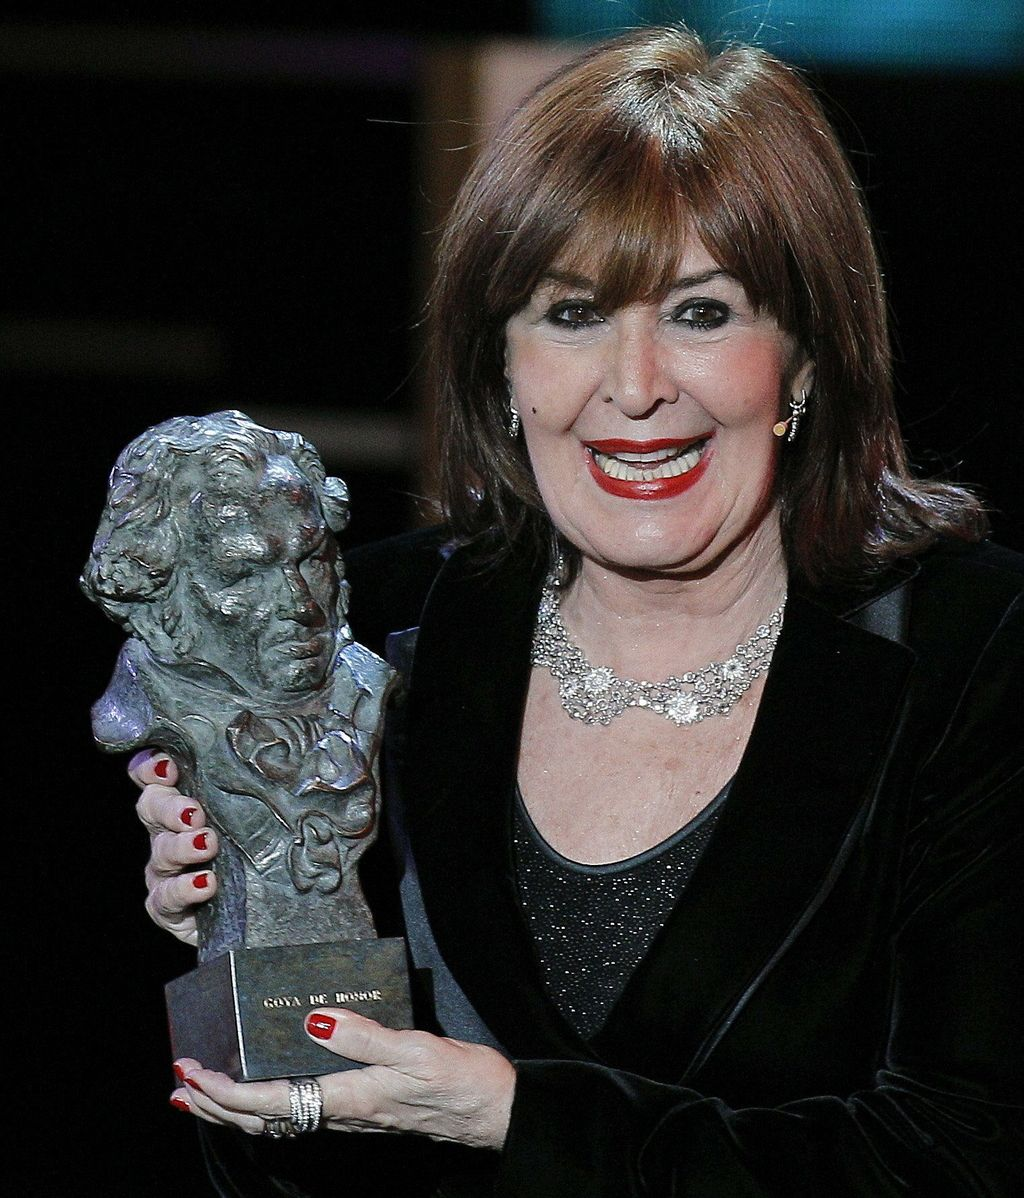 La actriz Concha Velasco recibe el premio Goya de Honor 2012 por su carrera